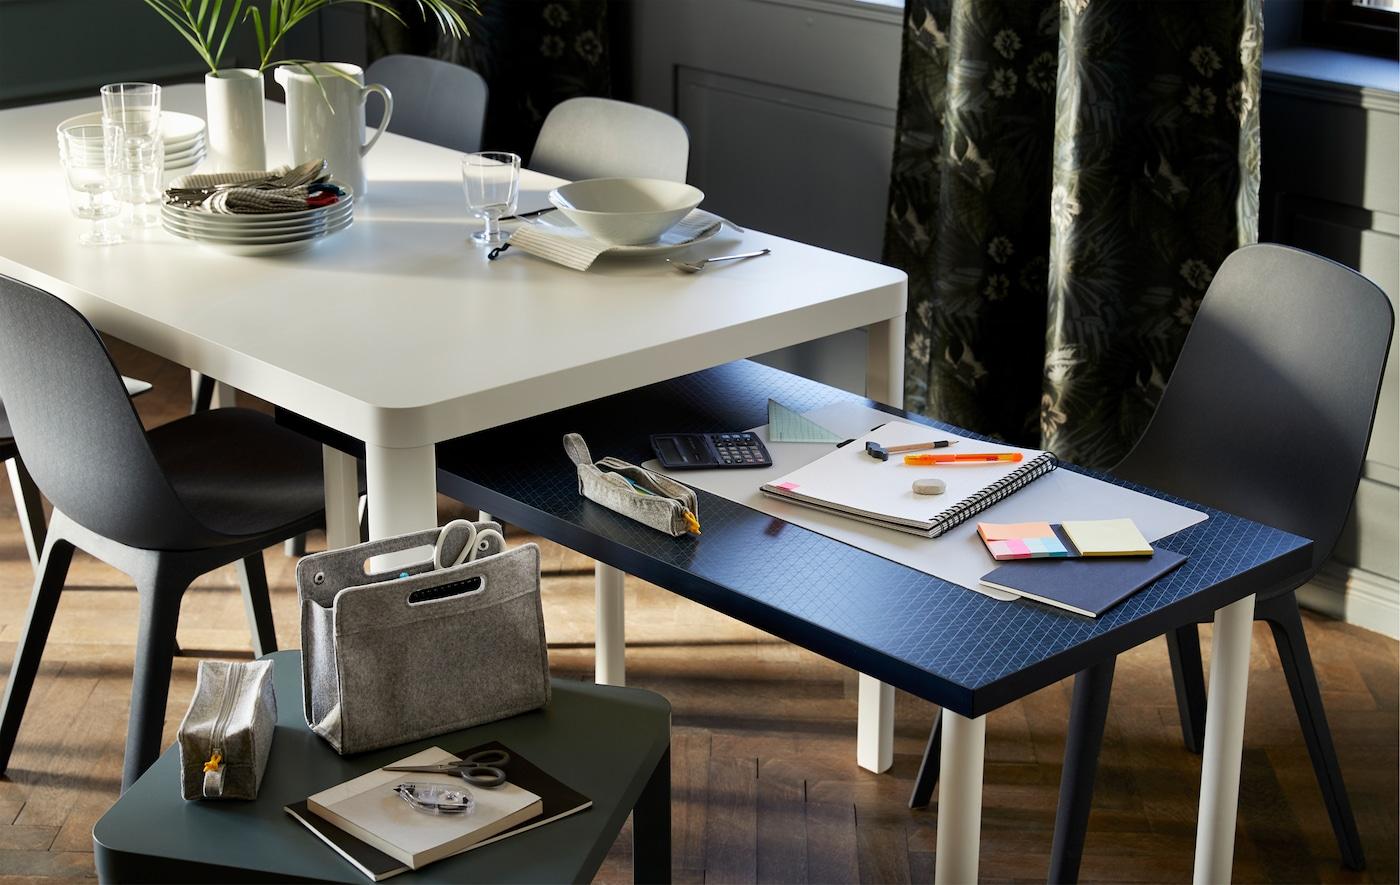 كما هو الحال مع مجموعة الطاولات الكبيرة المتداخلة، فإن الطاولة المنحفضة مع الأعمال المدرسية يمكن سحبها من أسفل طاولة الطعام مع أدوات المائدة على وشك الإعداد.